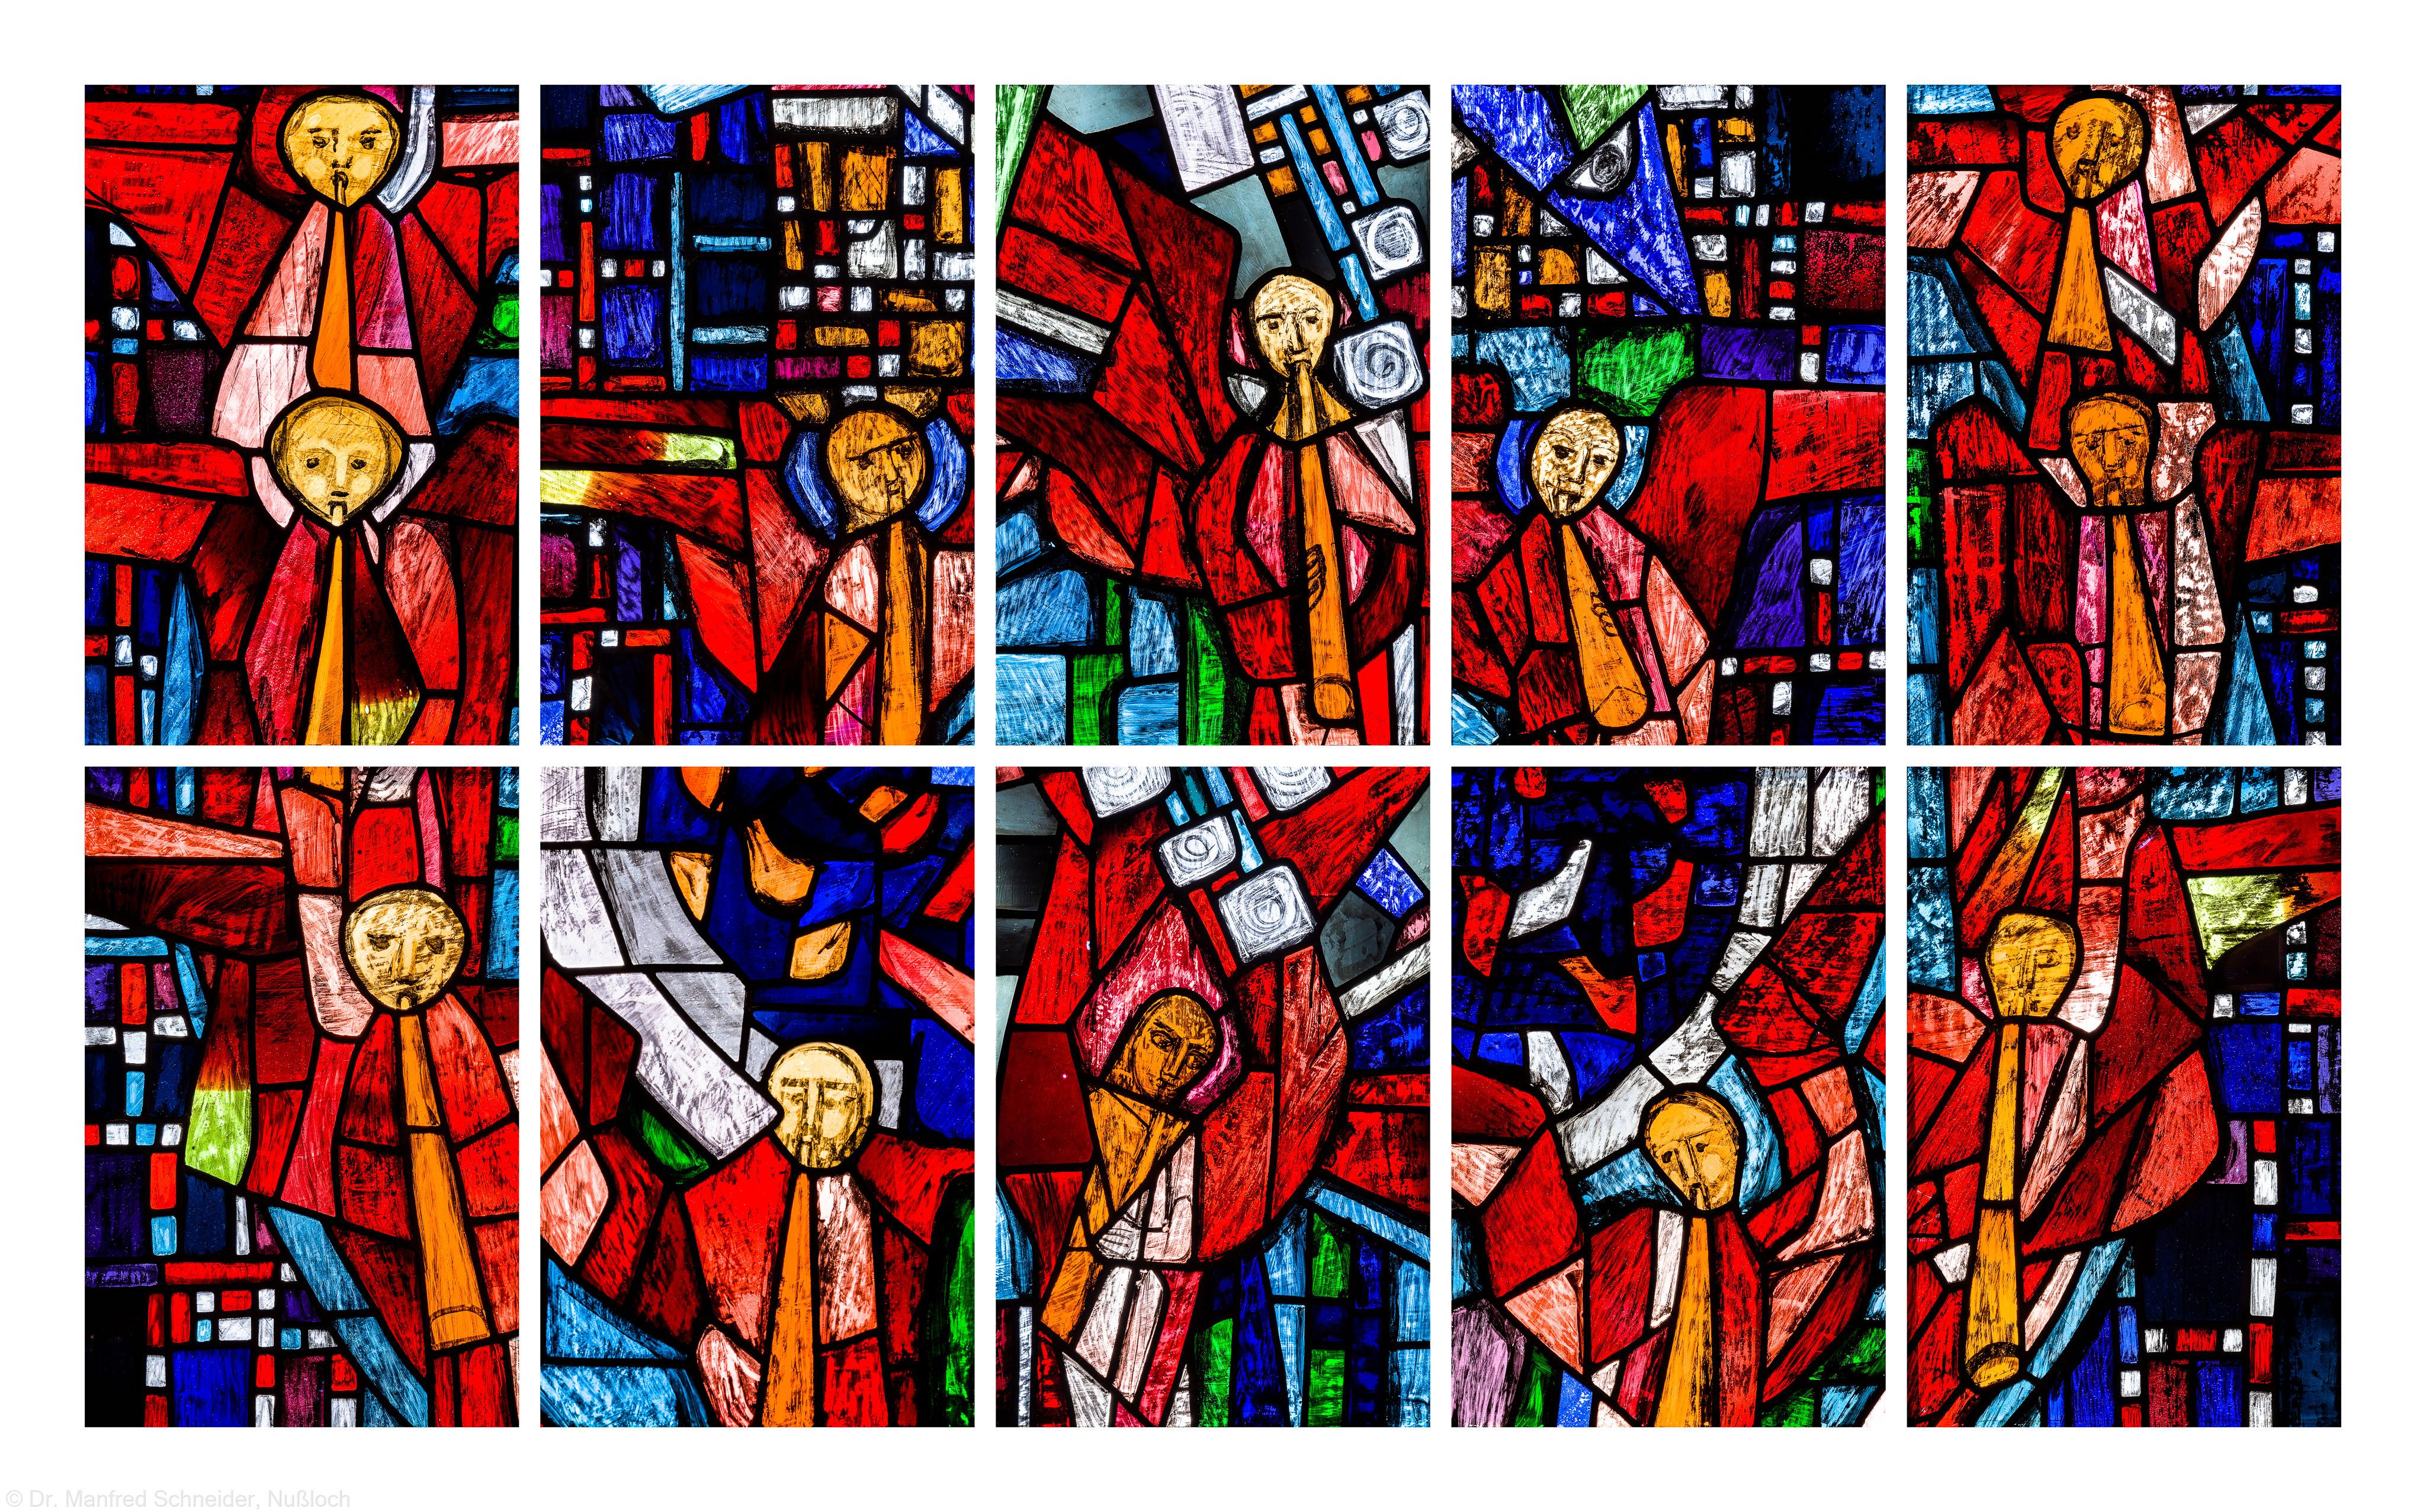 """Heidelberg - Heiliggeistkirche - Westempore - Engel aus dem """"Offenbarungsfenster"""" von Hans Gottfried von Stockhausen (aufgenommen im Juli 2013, am späten Nachmittag)"""